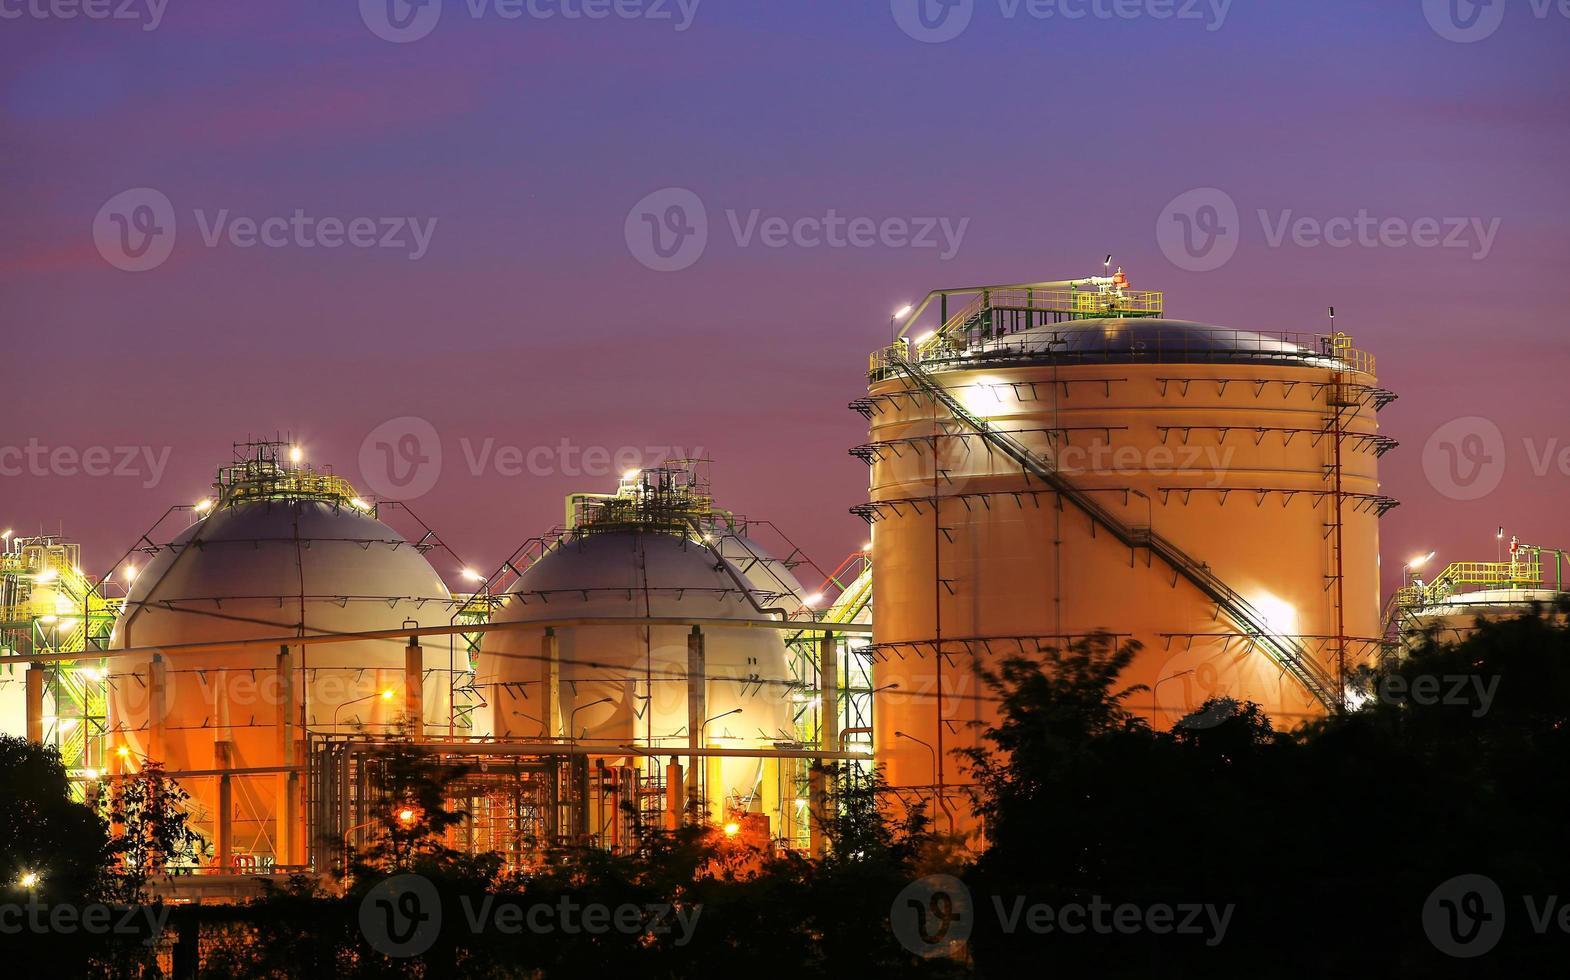 carri armati chimici industriali della sfera di stoccaggio al tempo crepuscolare foto